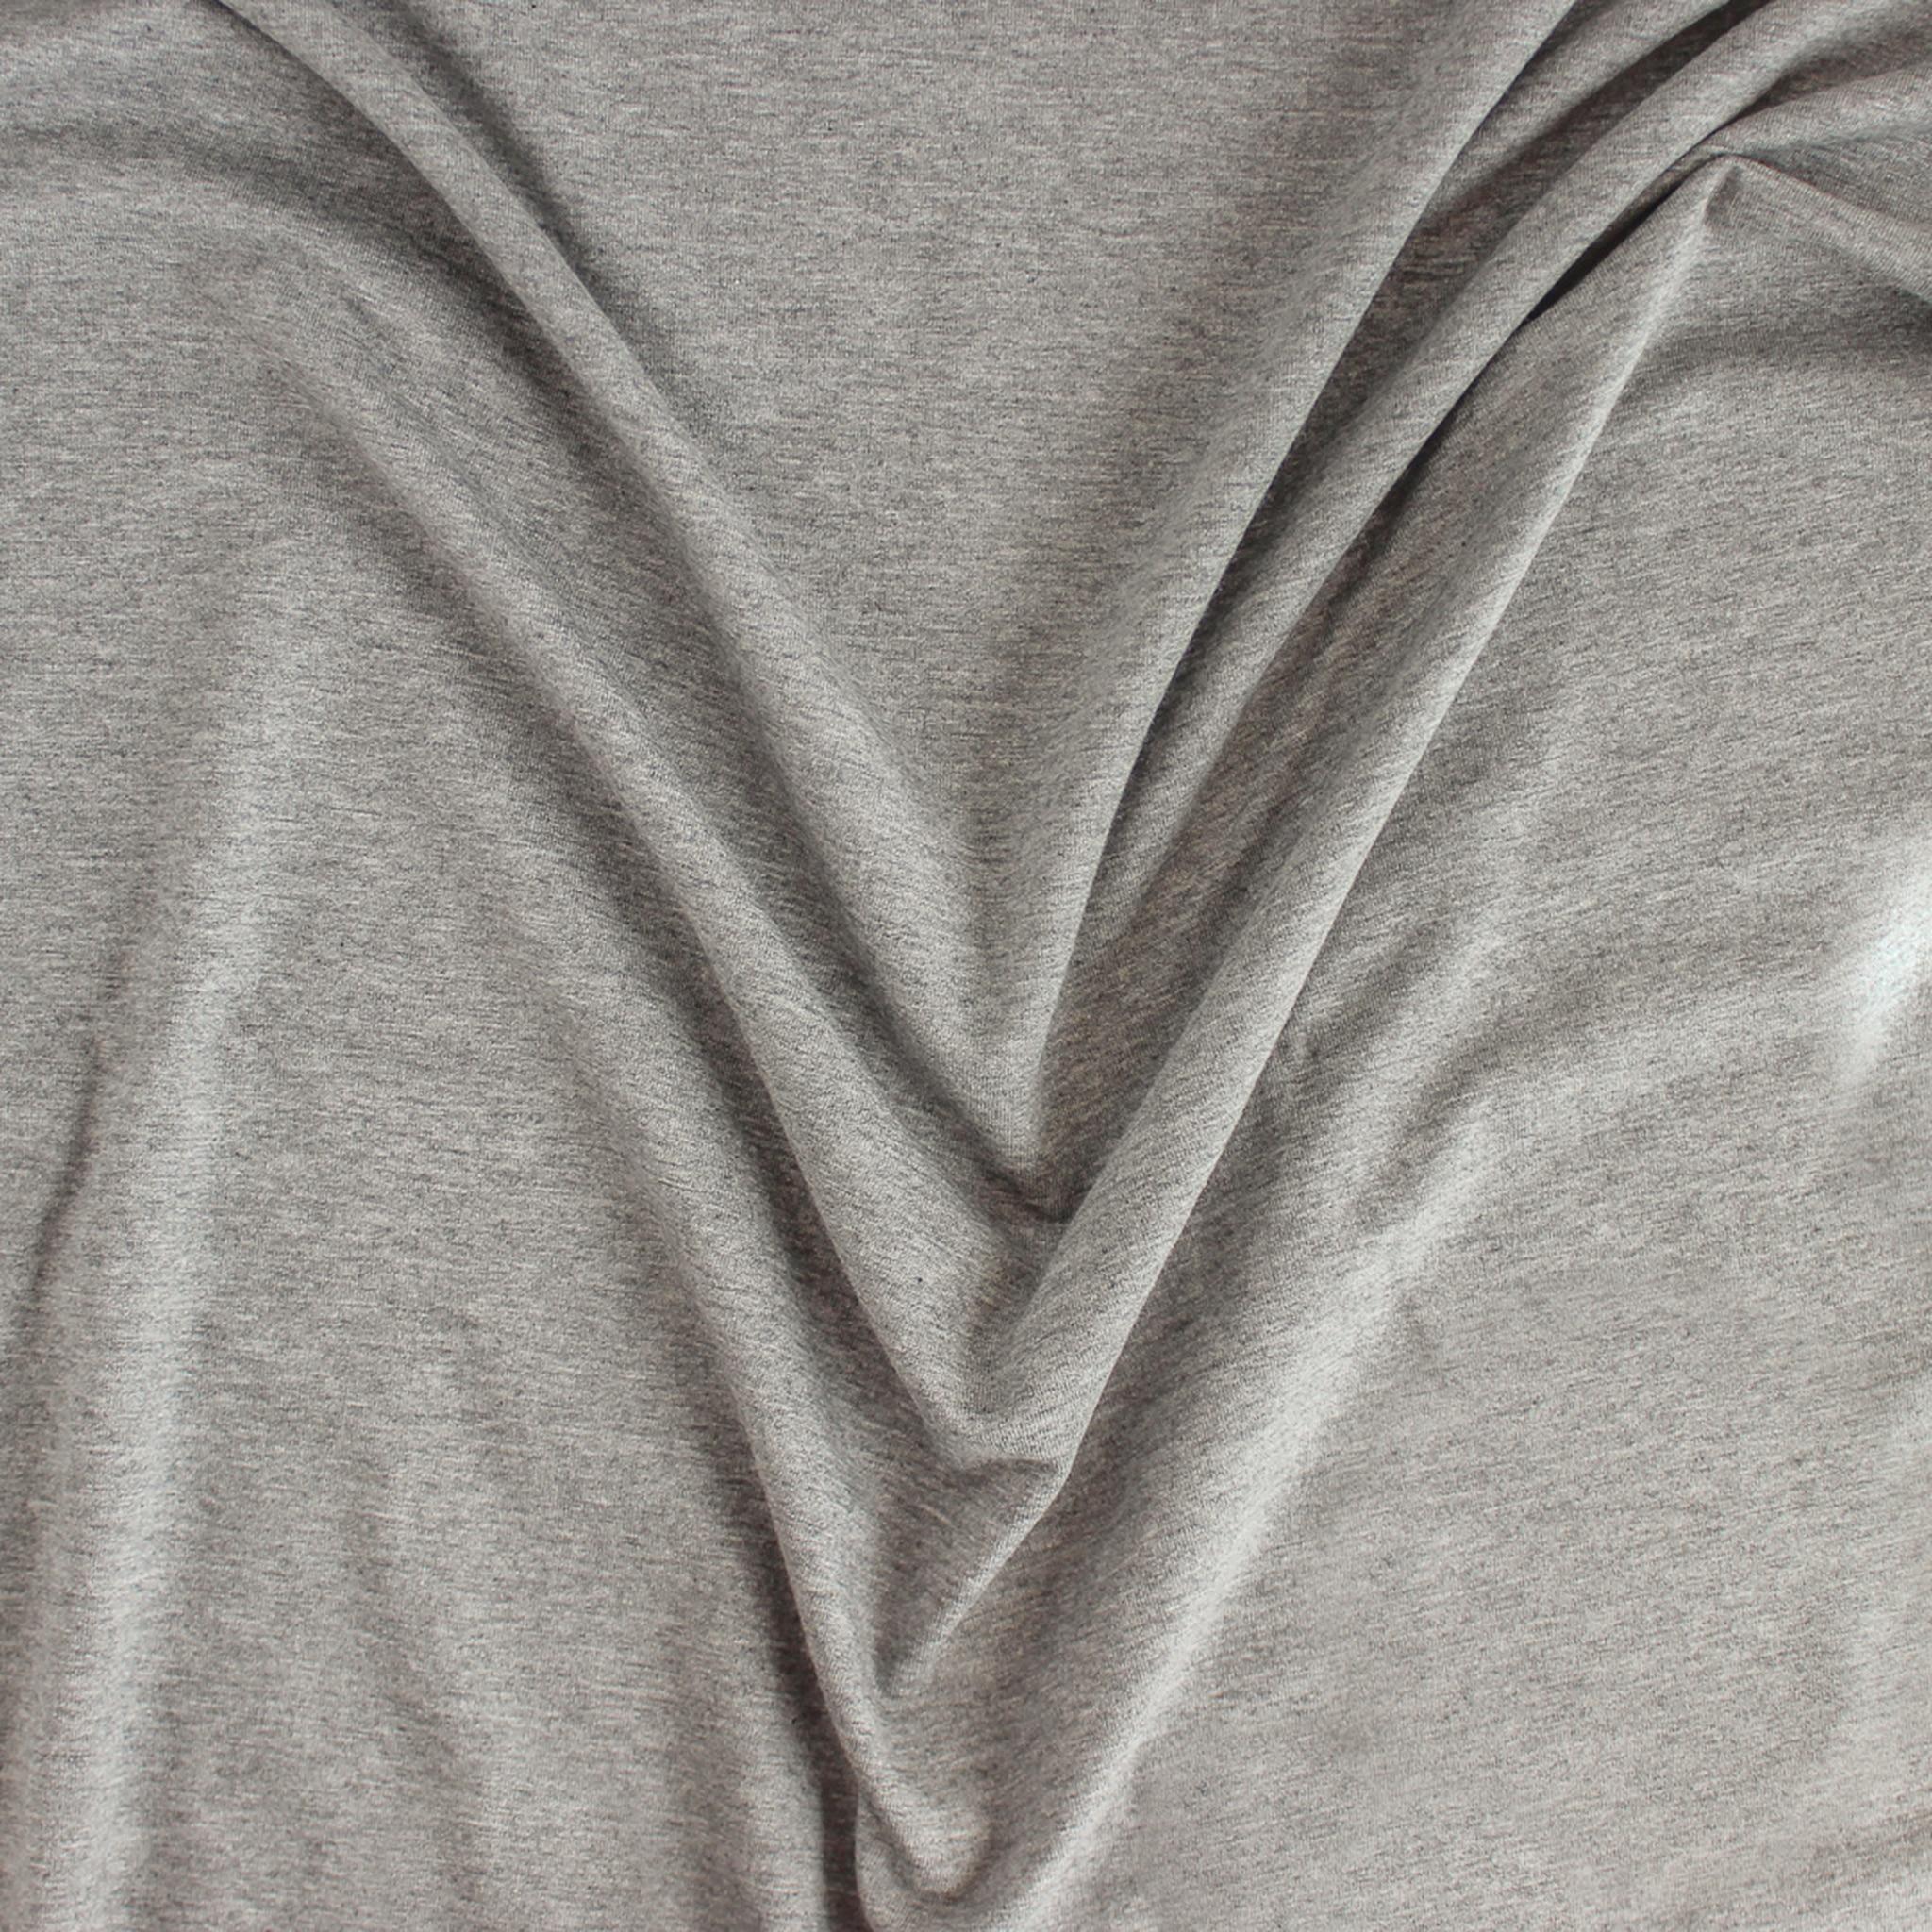 bahan kaos cotton modal